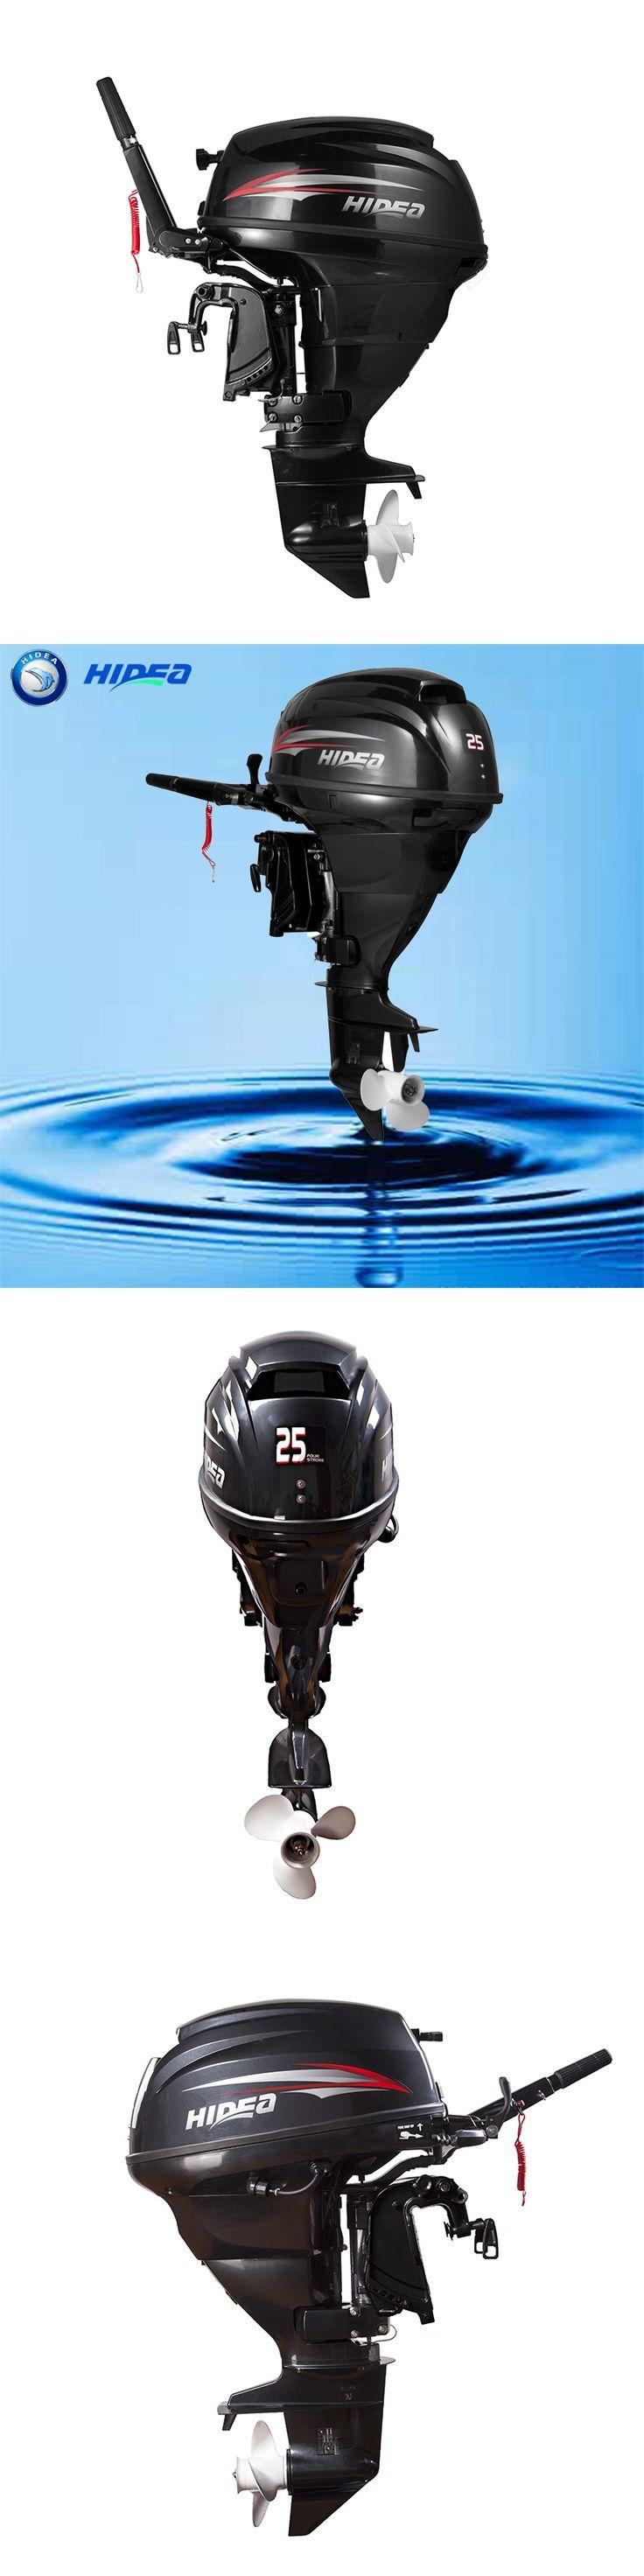 Hidea 4 Stroke 25HP Long Shaft  Outboard Motors For Sale